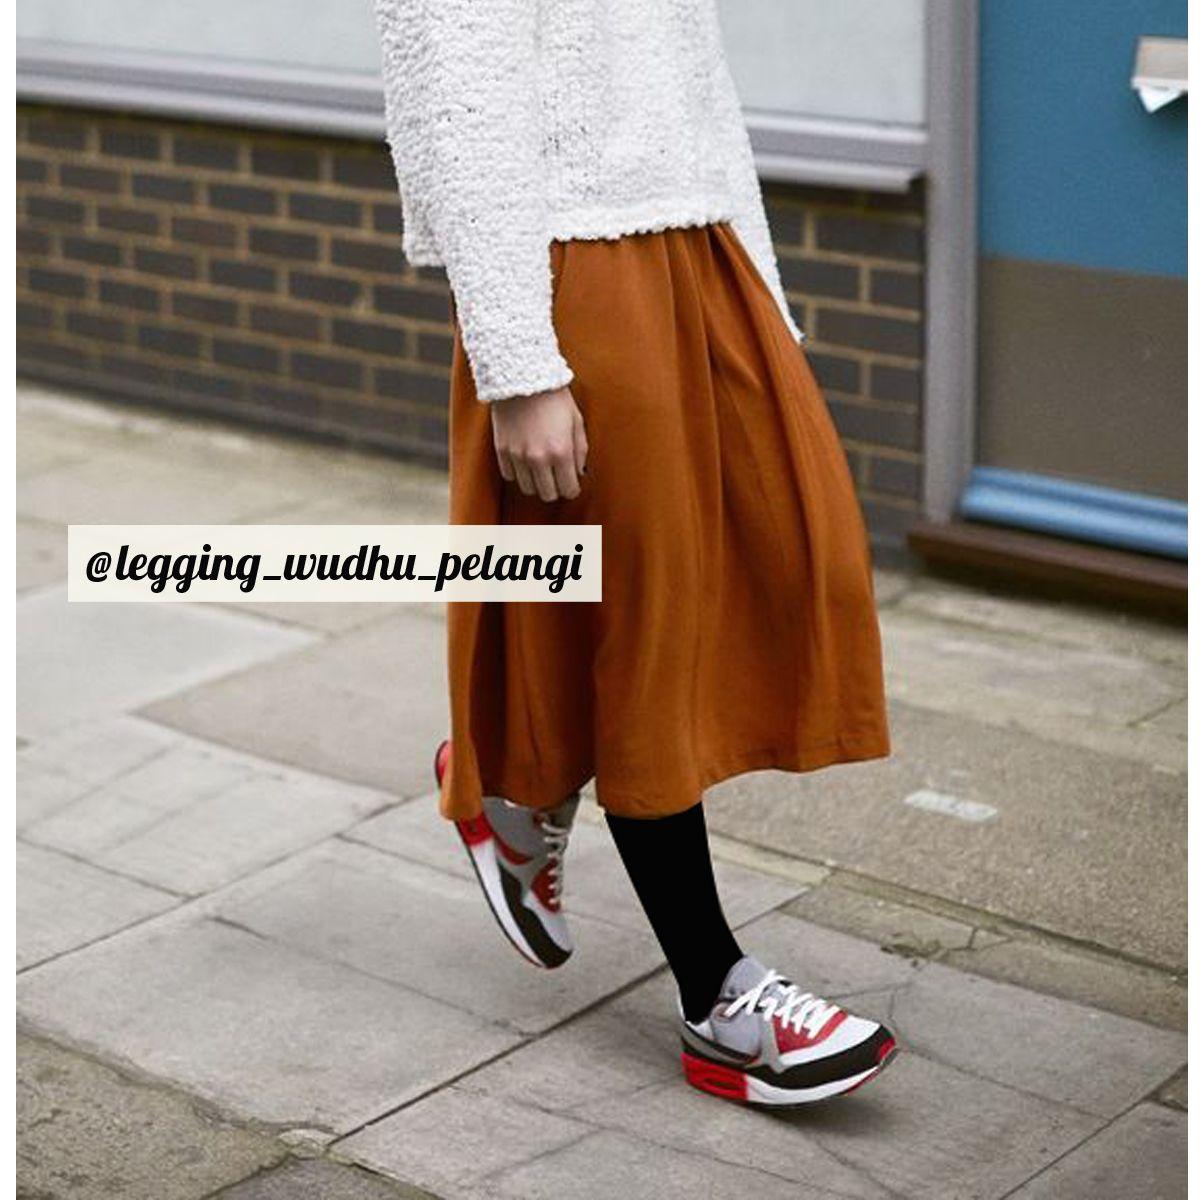 Legging Muslimah Legging Wudhu Muslimah Celana Hijab Celana Muslim Hijaber Hijab Style Celana Muslimah Legging L Leggings Fashion Hijab Fashion Legging